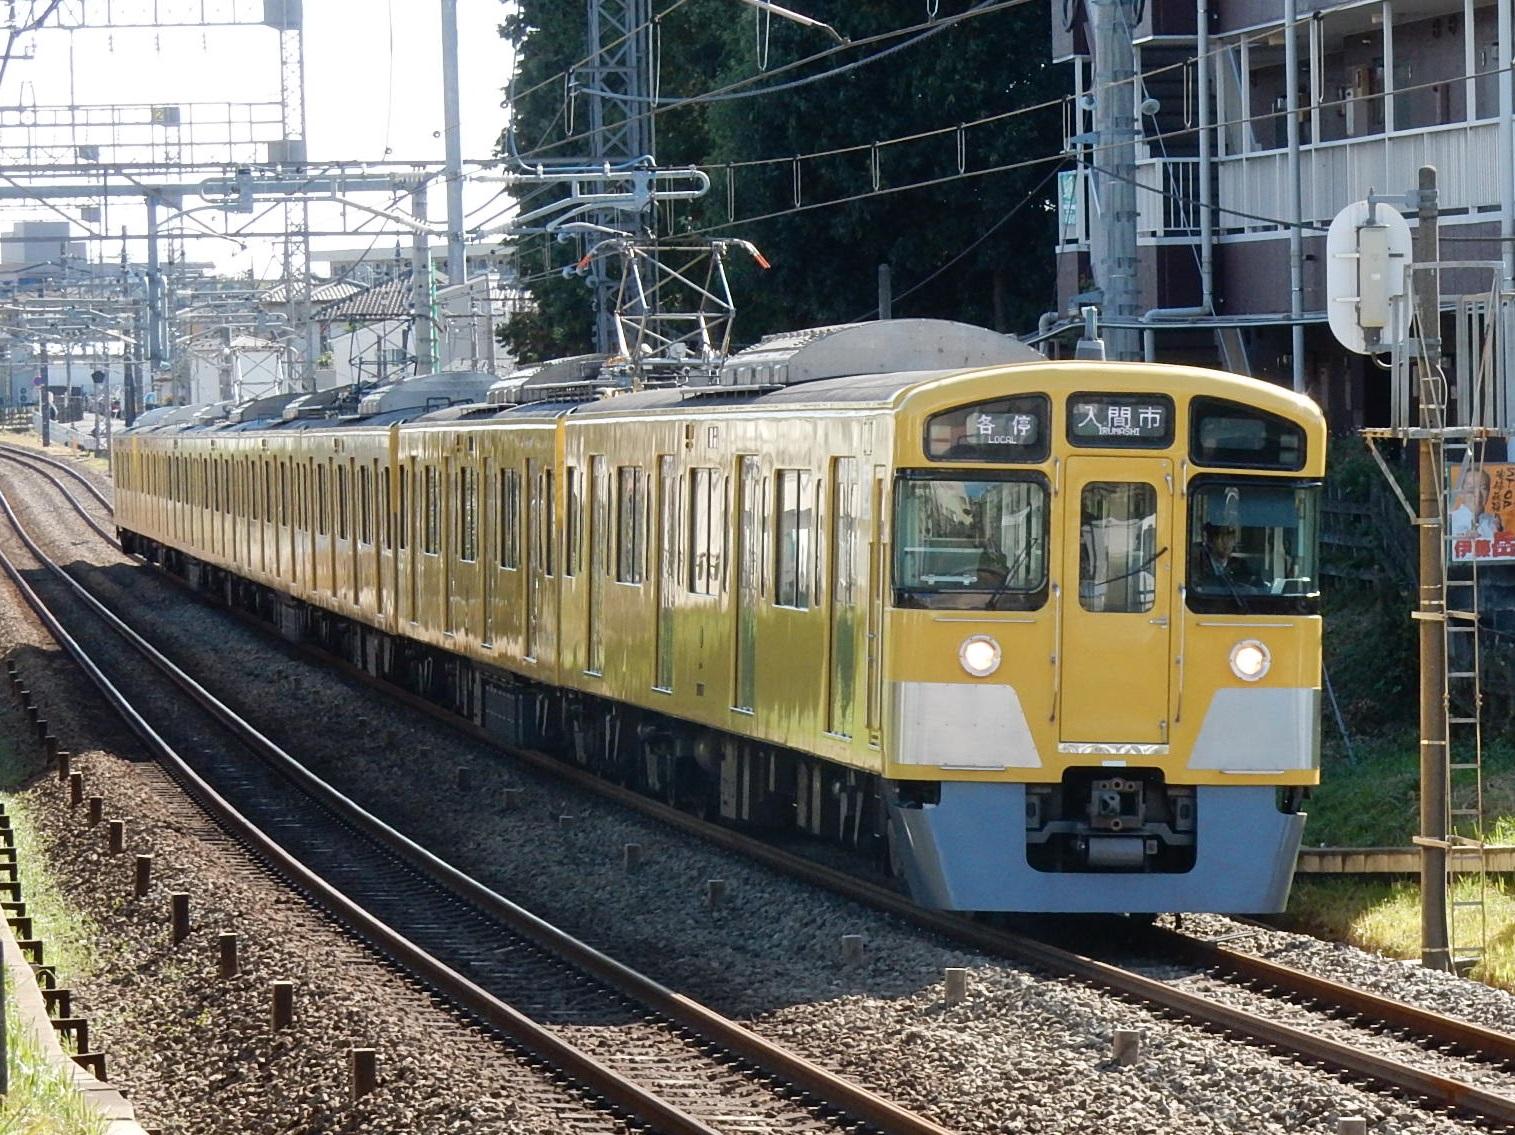 DSCN7774.jpg